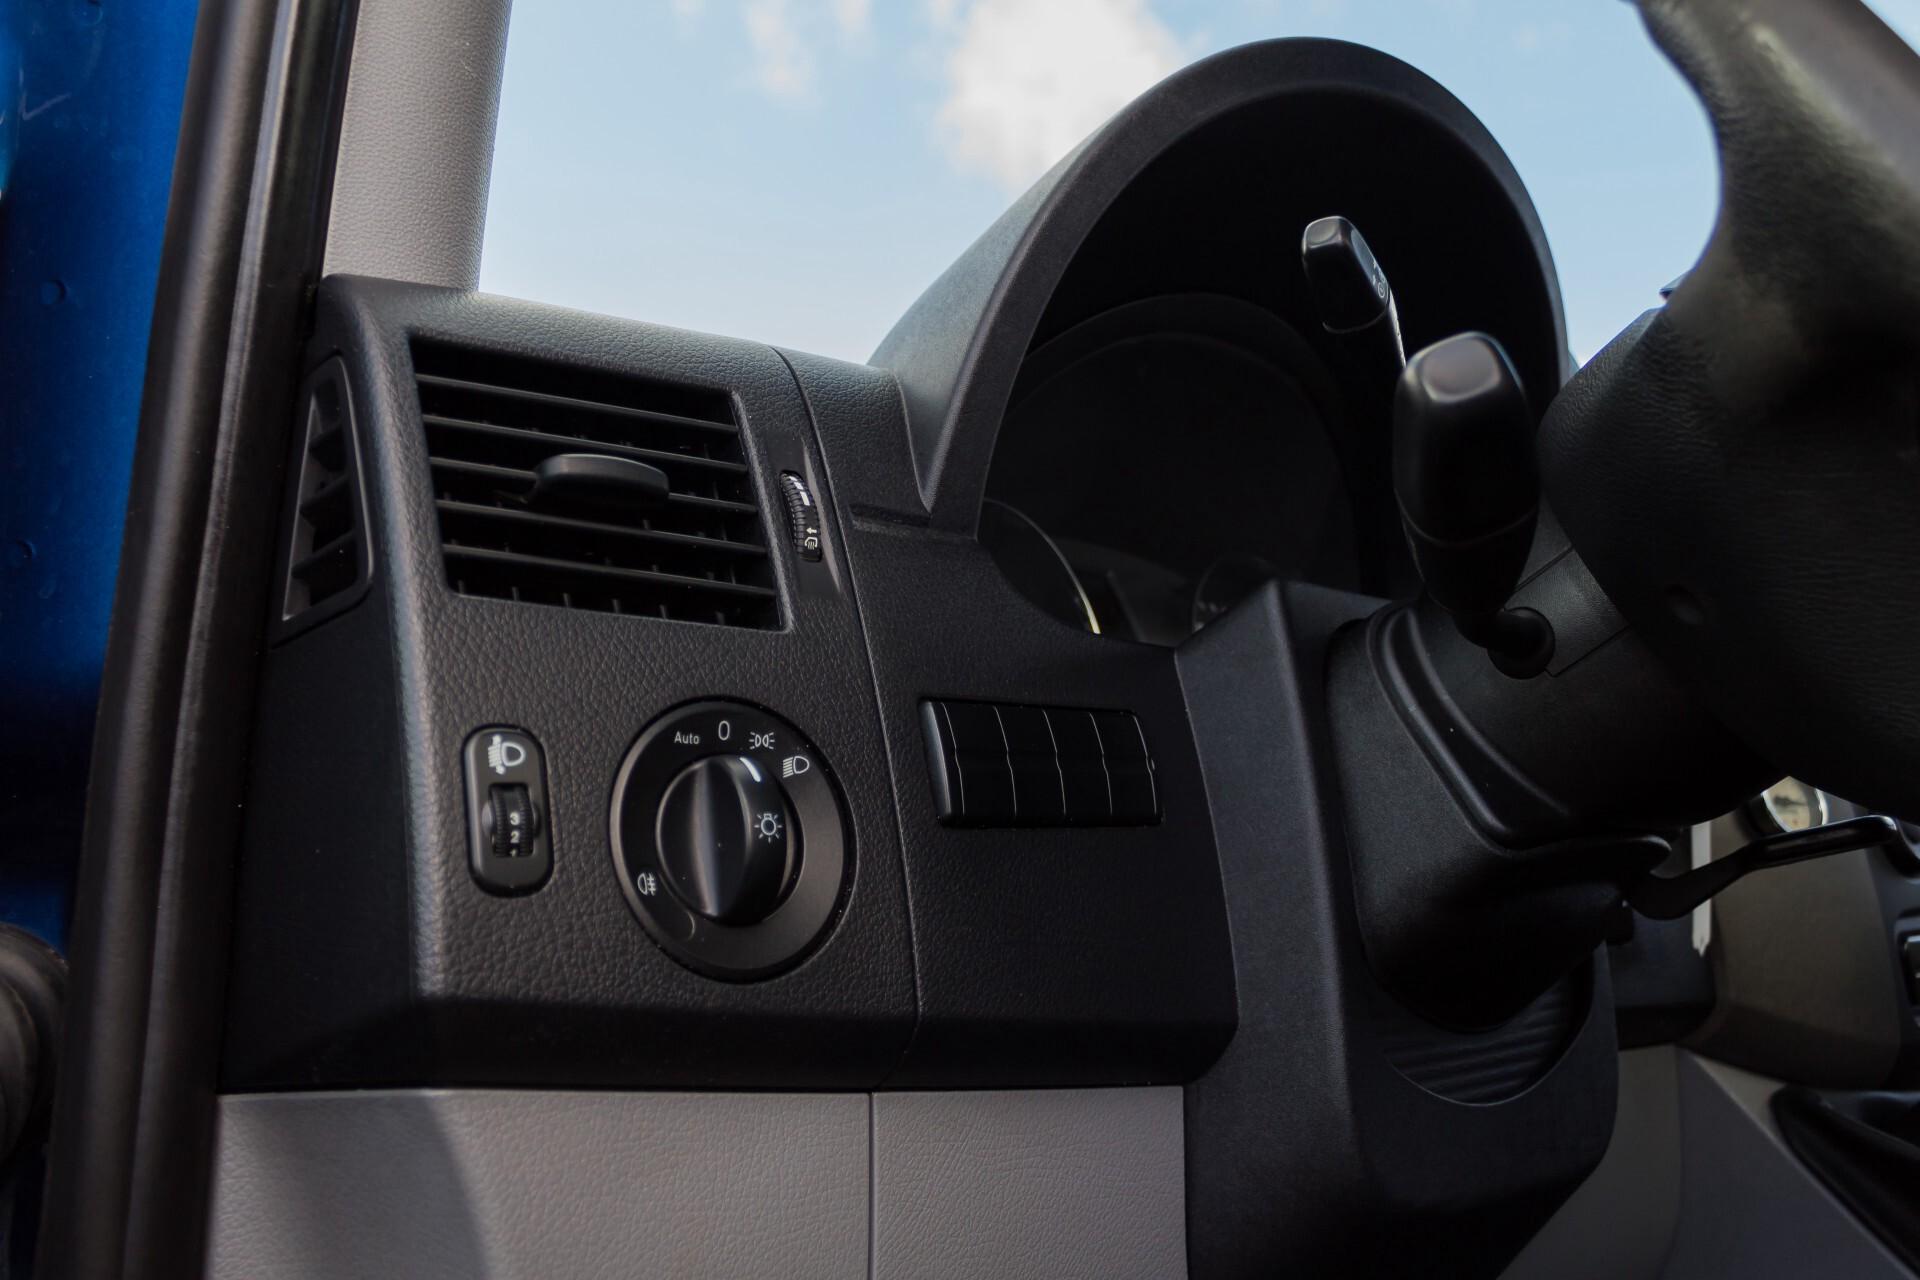 Mercedes-Benz Sprinter 518 3.0 Cdi V6 Oprijwagen / Auto ambulance 7360 kg Foto 24